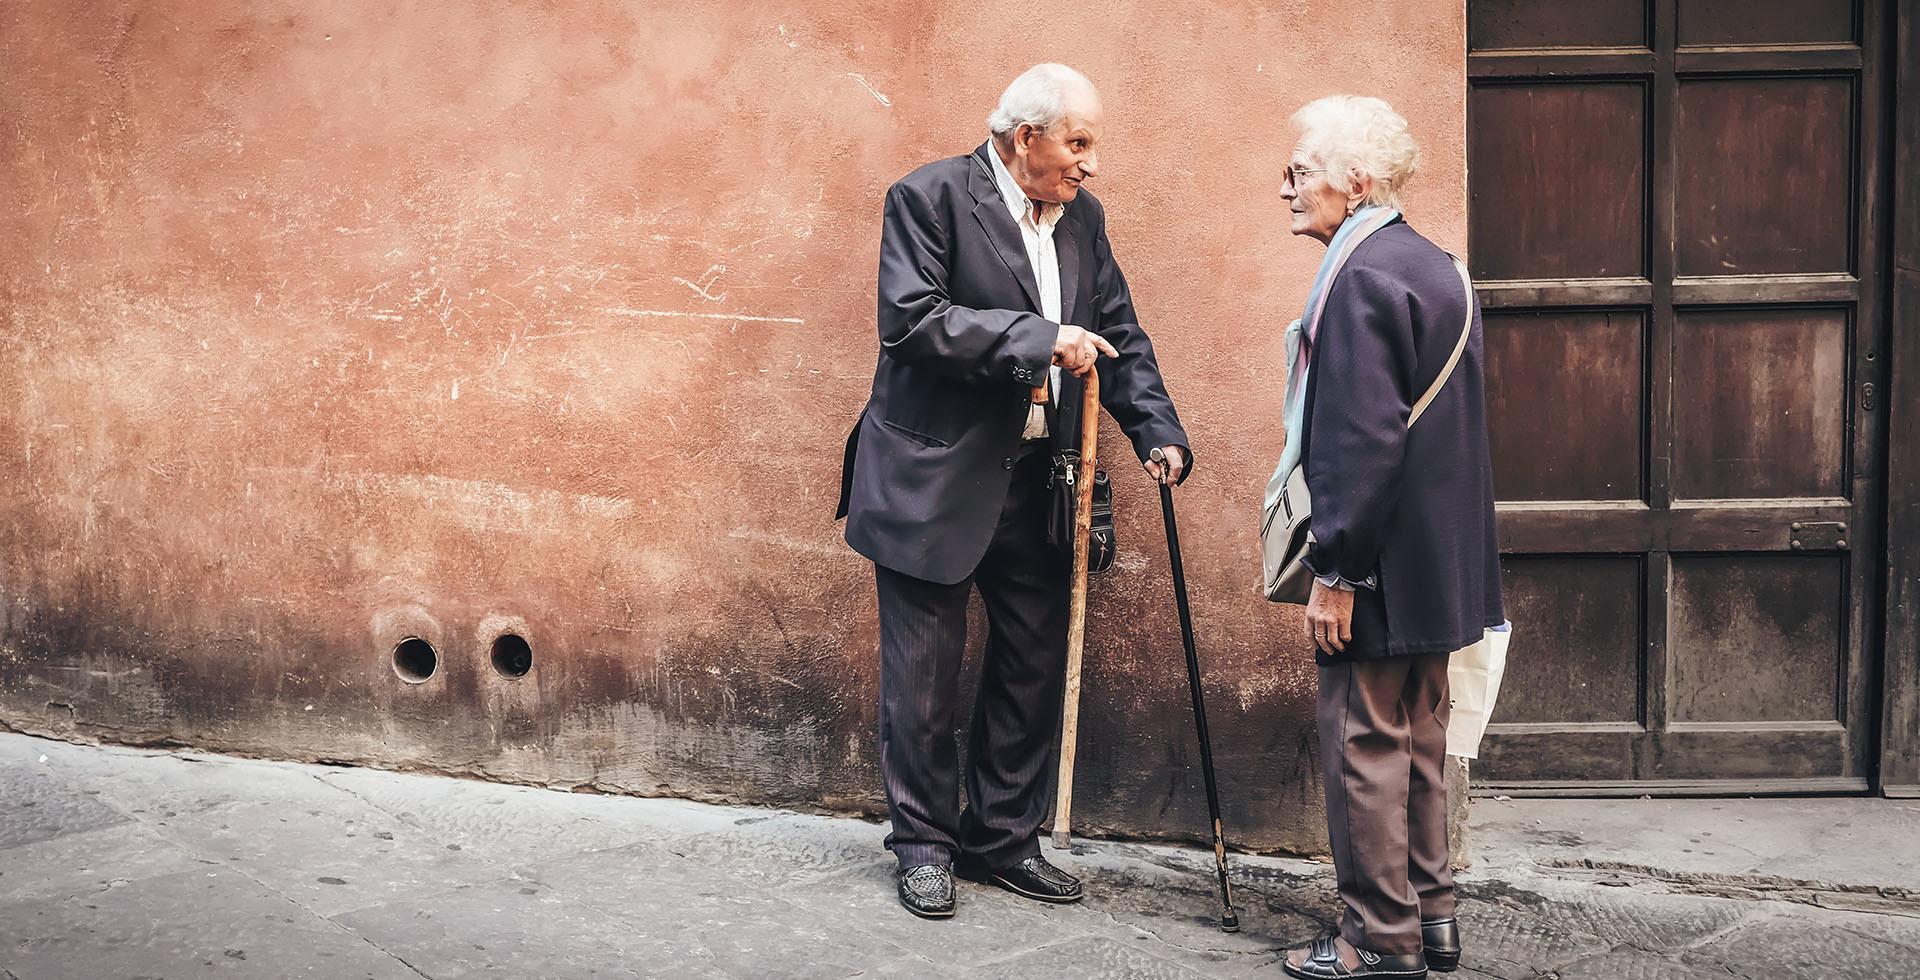 senior citizens and covid-19